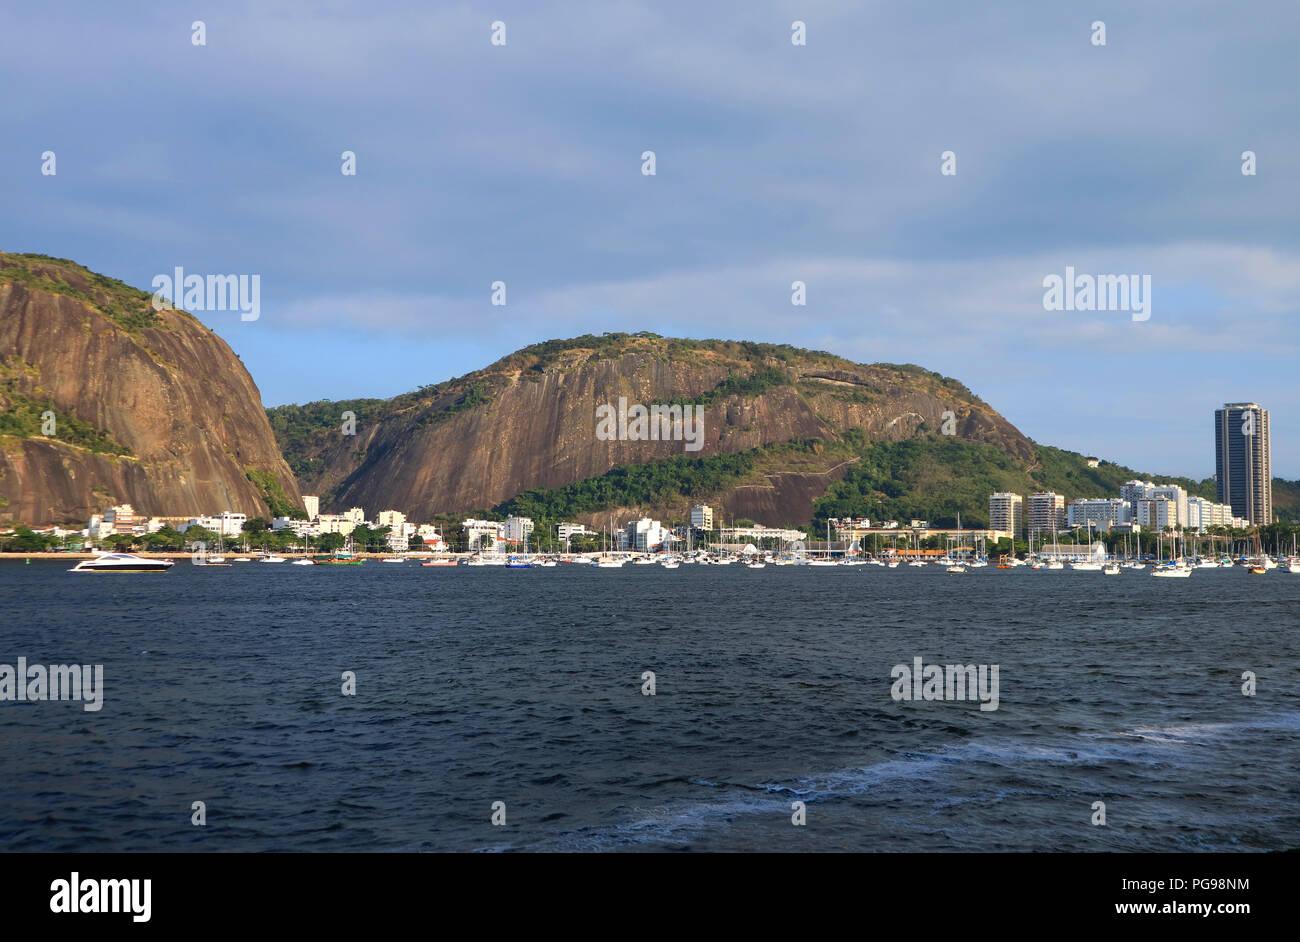 Urca Hill or Morro da Urca, the Natural Monument in the city of Rio de Janeiro, Brazil Stock Photo